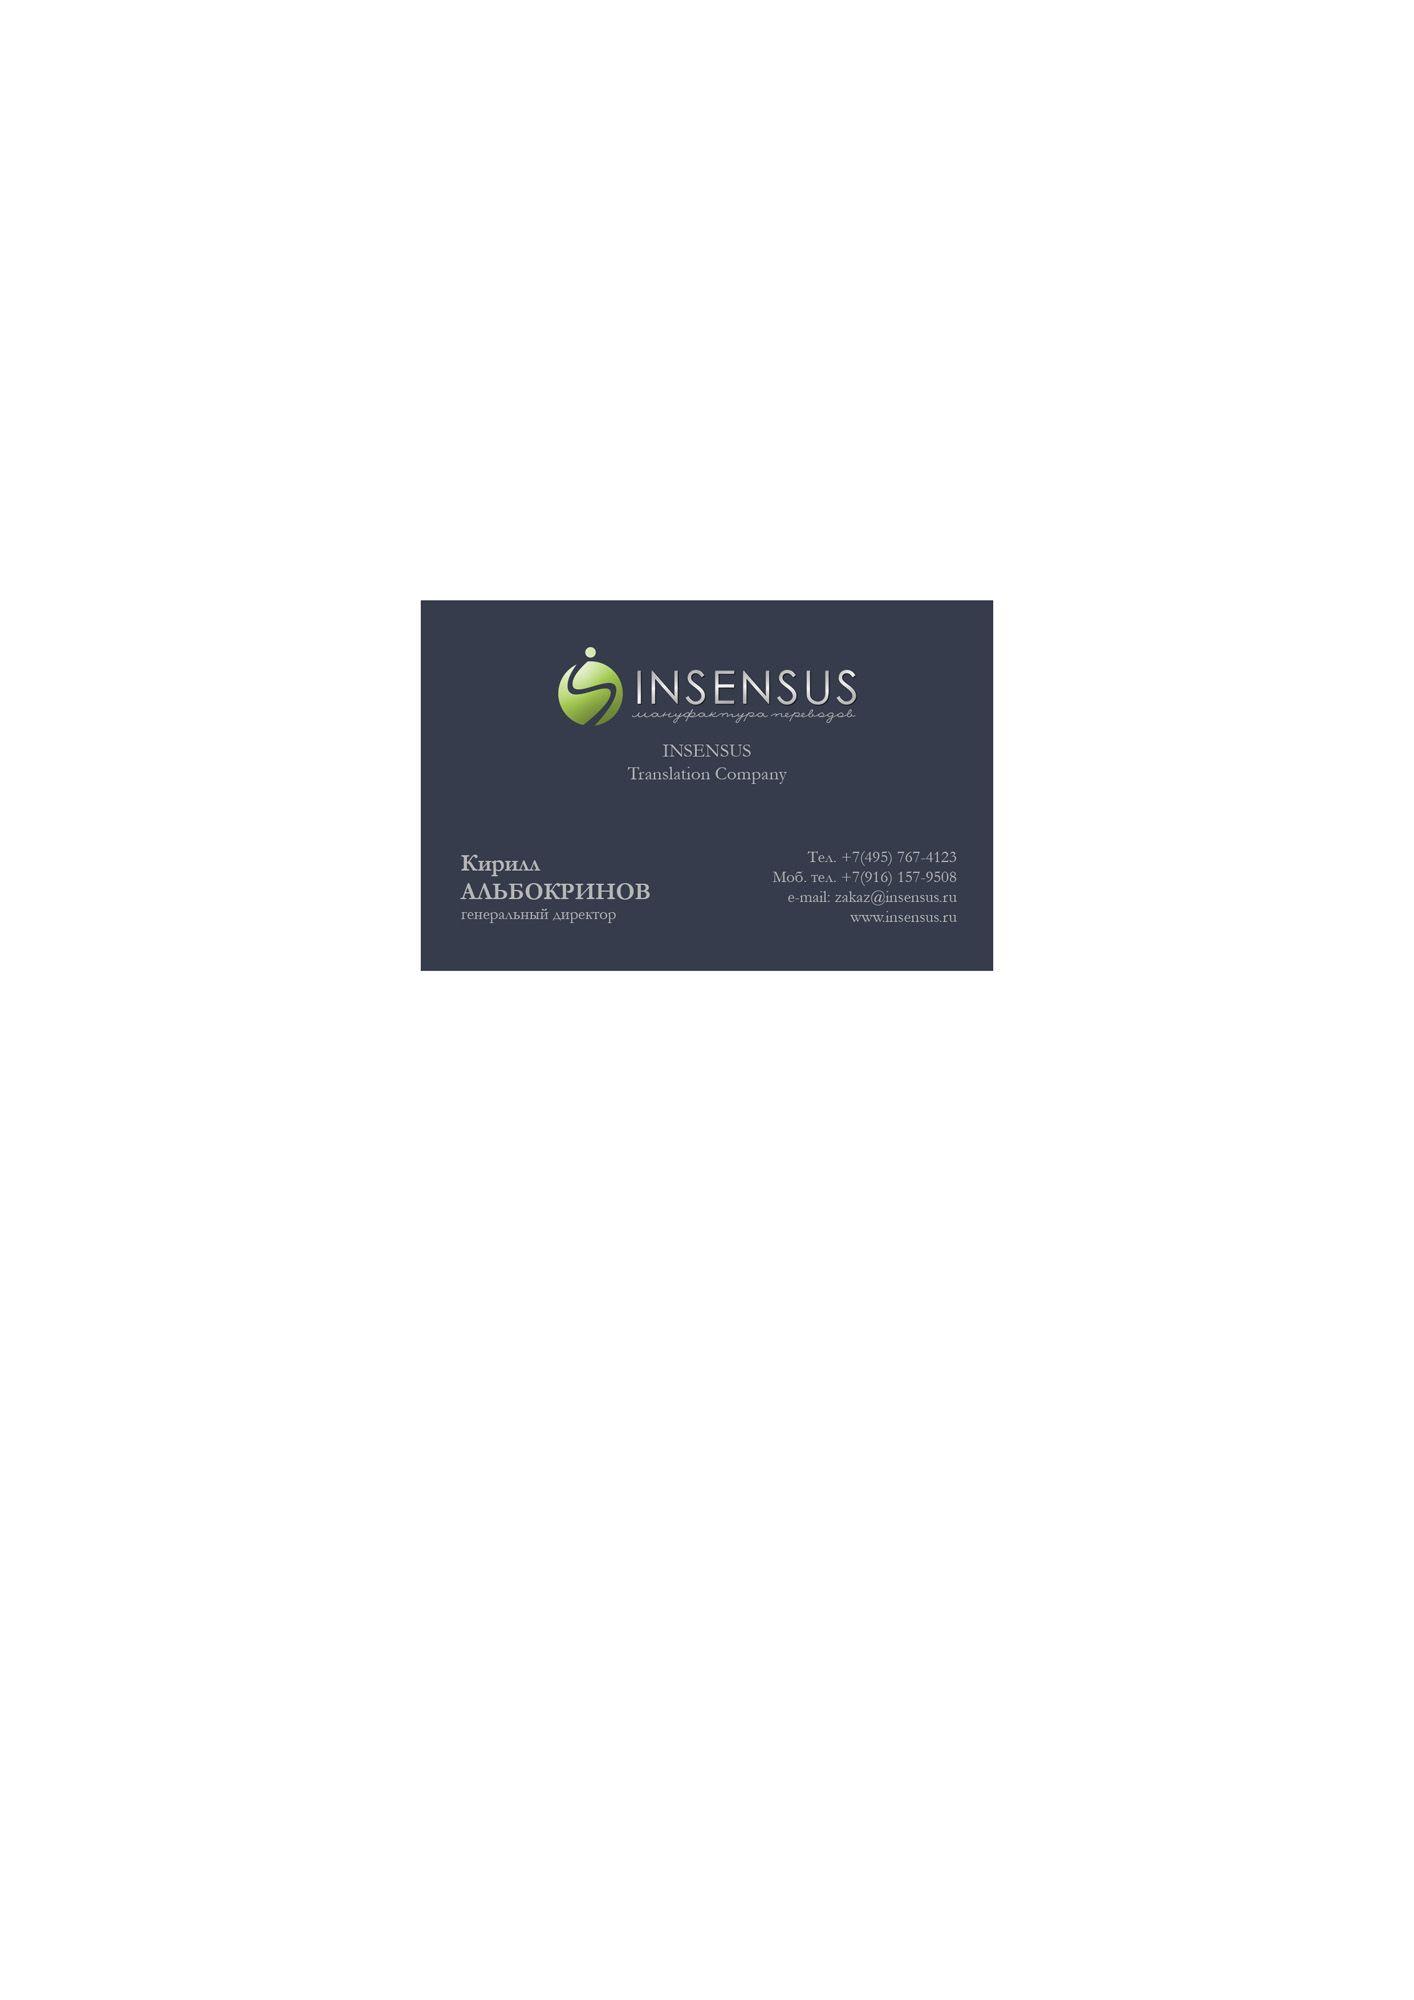 Лого и ФС для переводческой компании - дизайнер Paroda